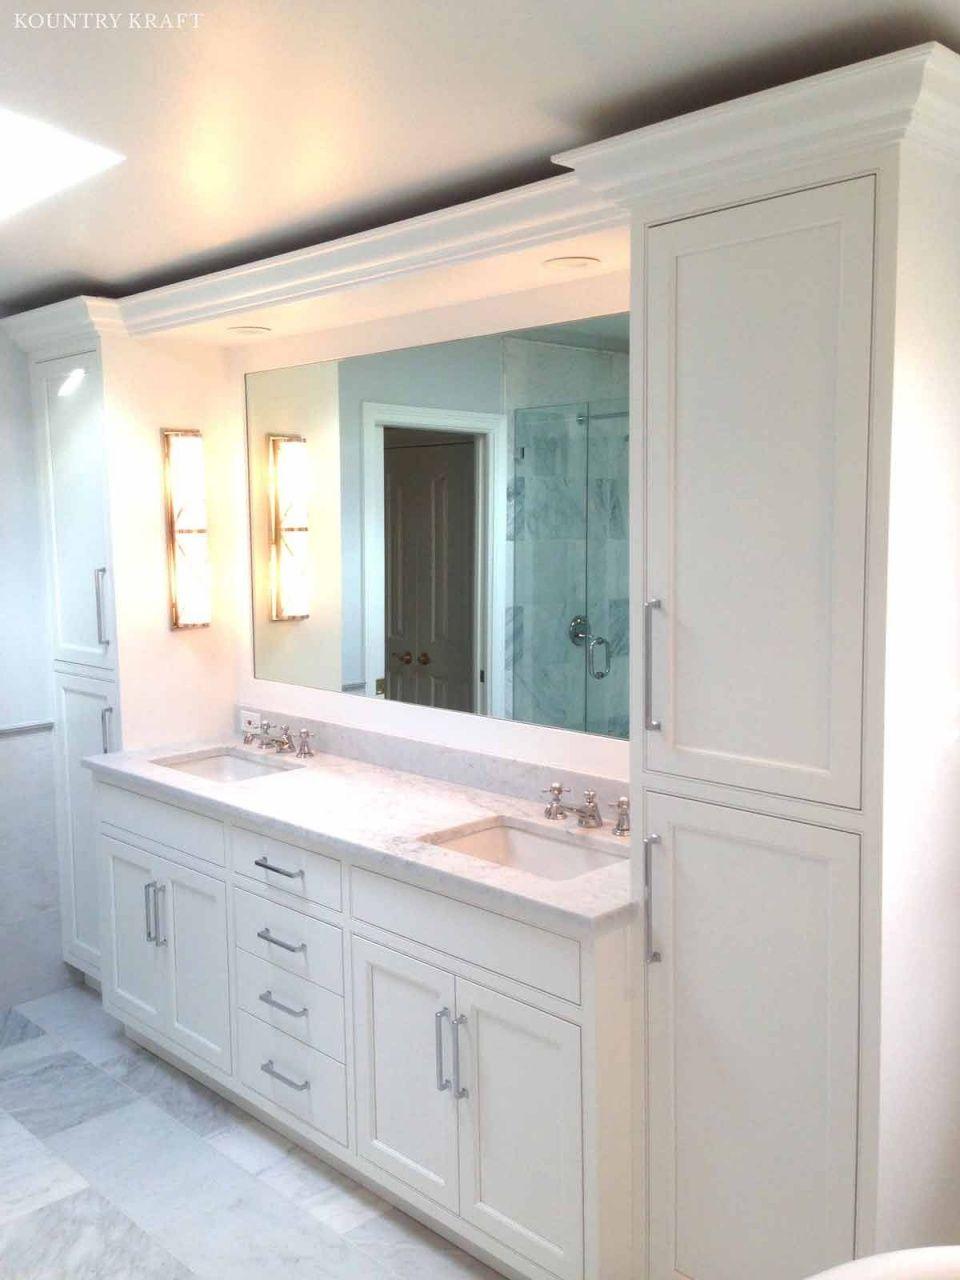 bathroom vanities with side towers in 2020 custom on custom bathroom vanity plans id=97848